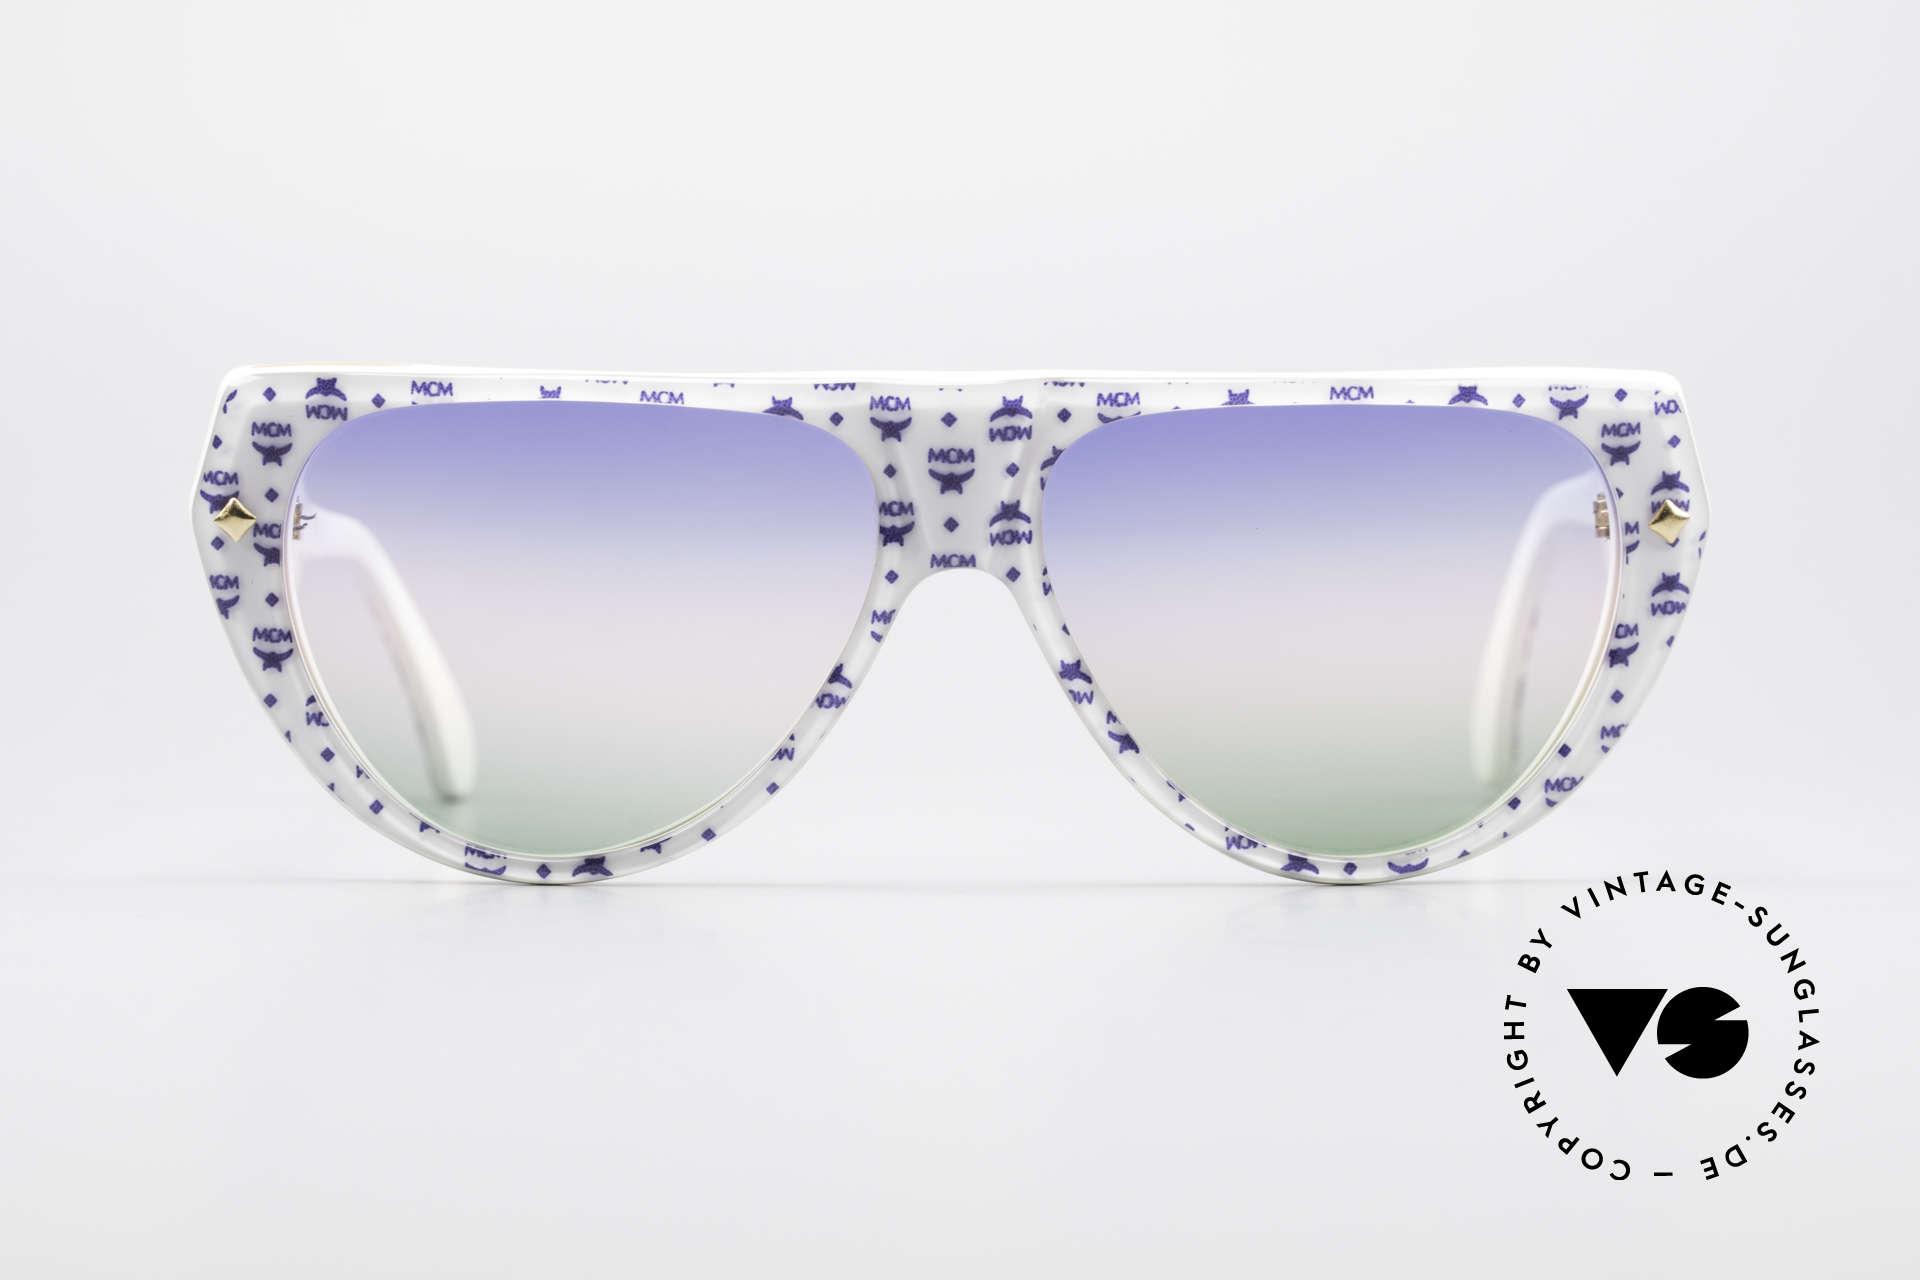 MCM München A1 Hip Hop Designer Sonnenbrille, teures MCM Design von Michael Cromer = M.C., Passend für Herren und Damen